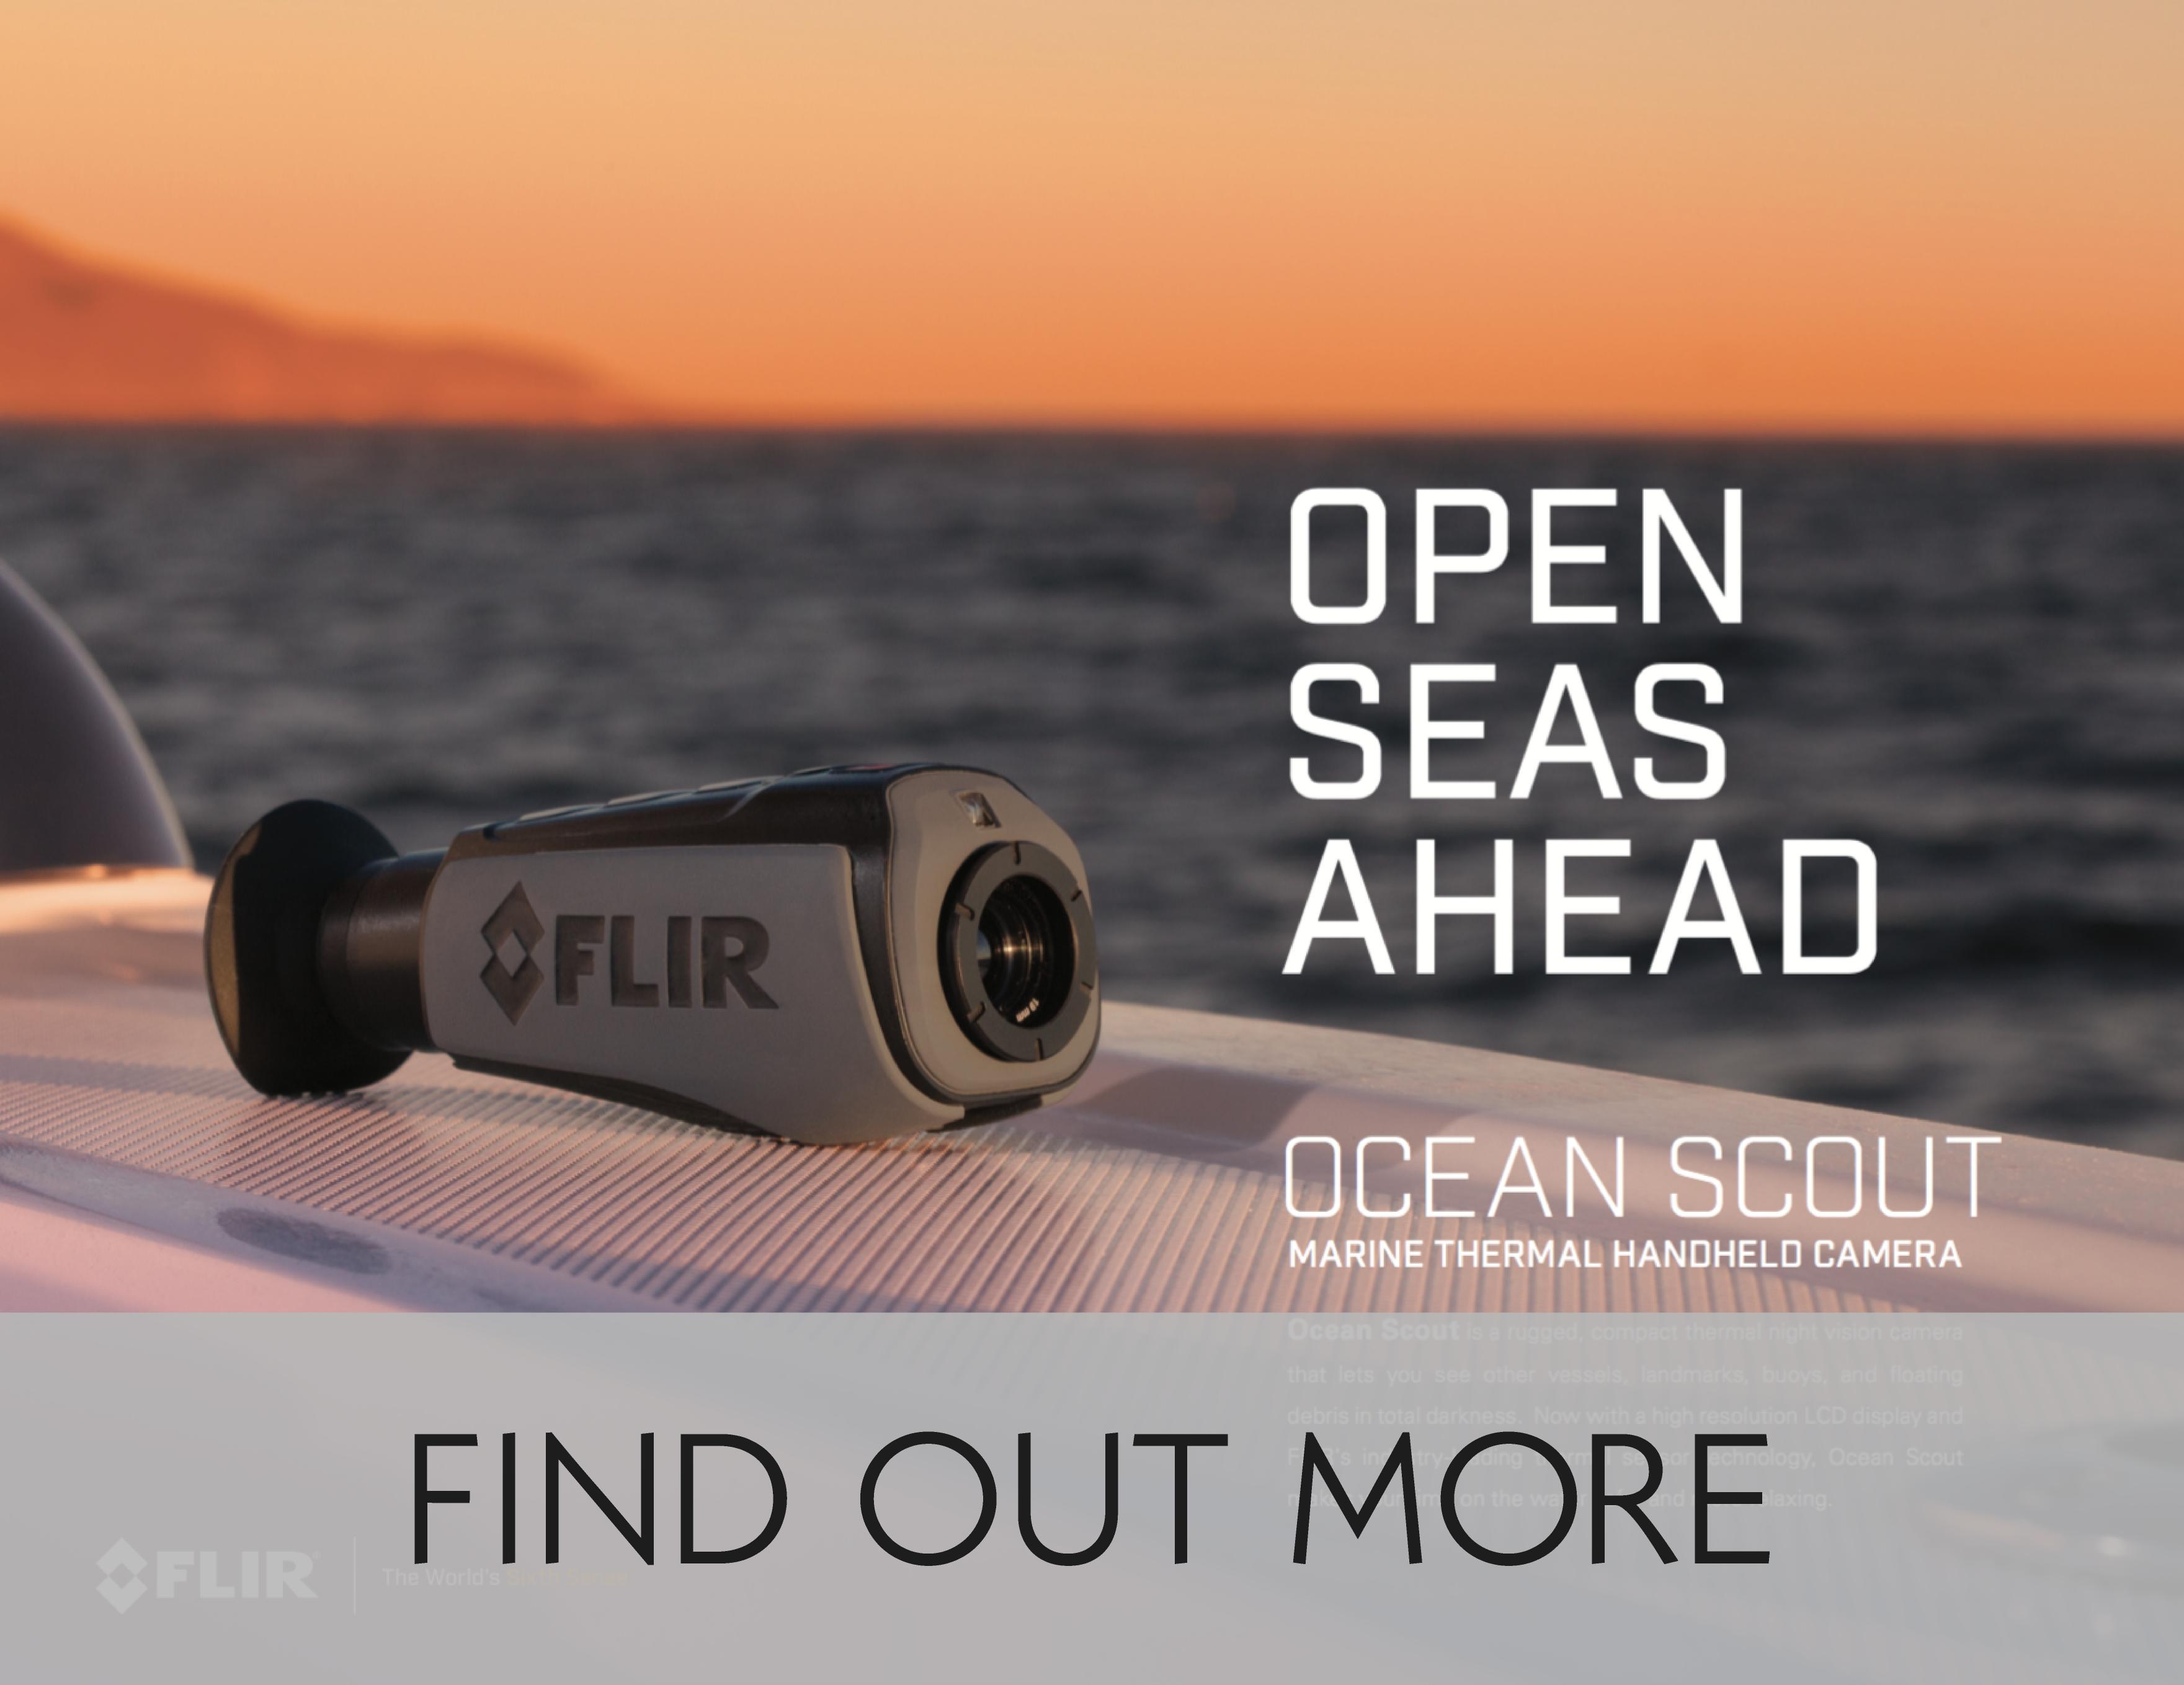 ocean scout thermal flir brochure